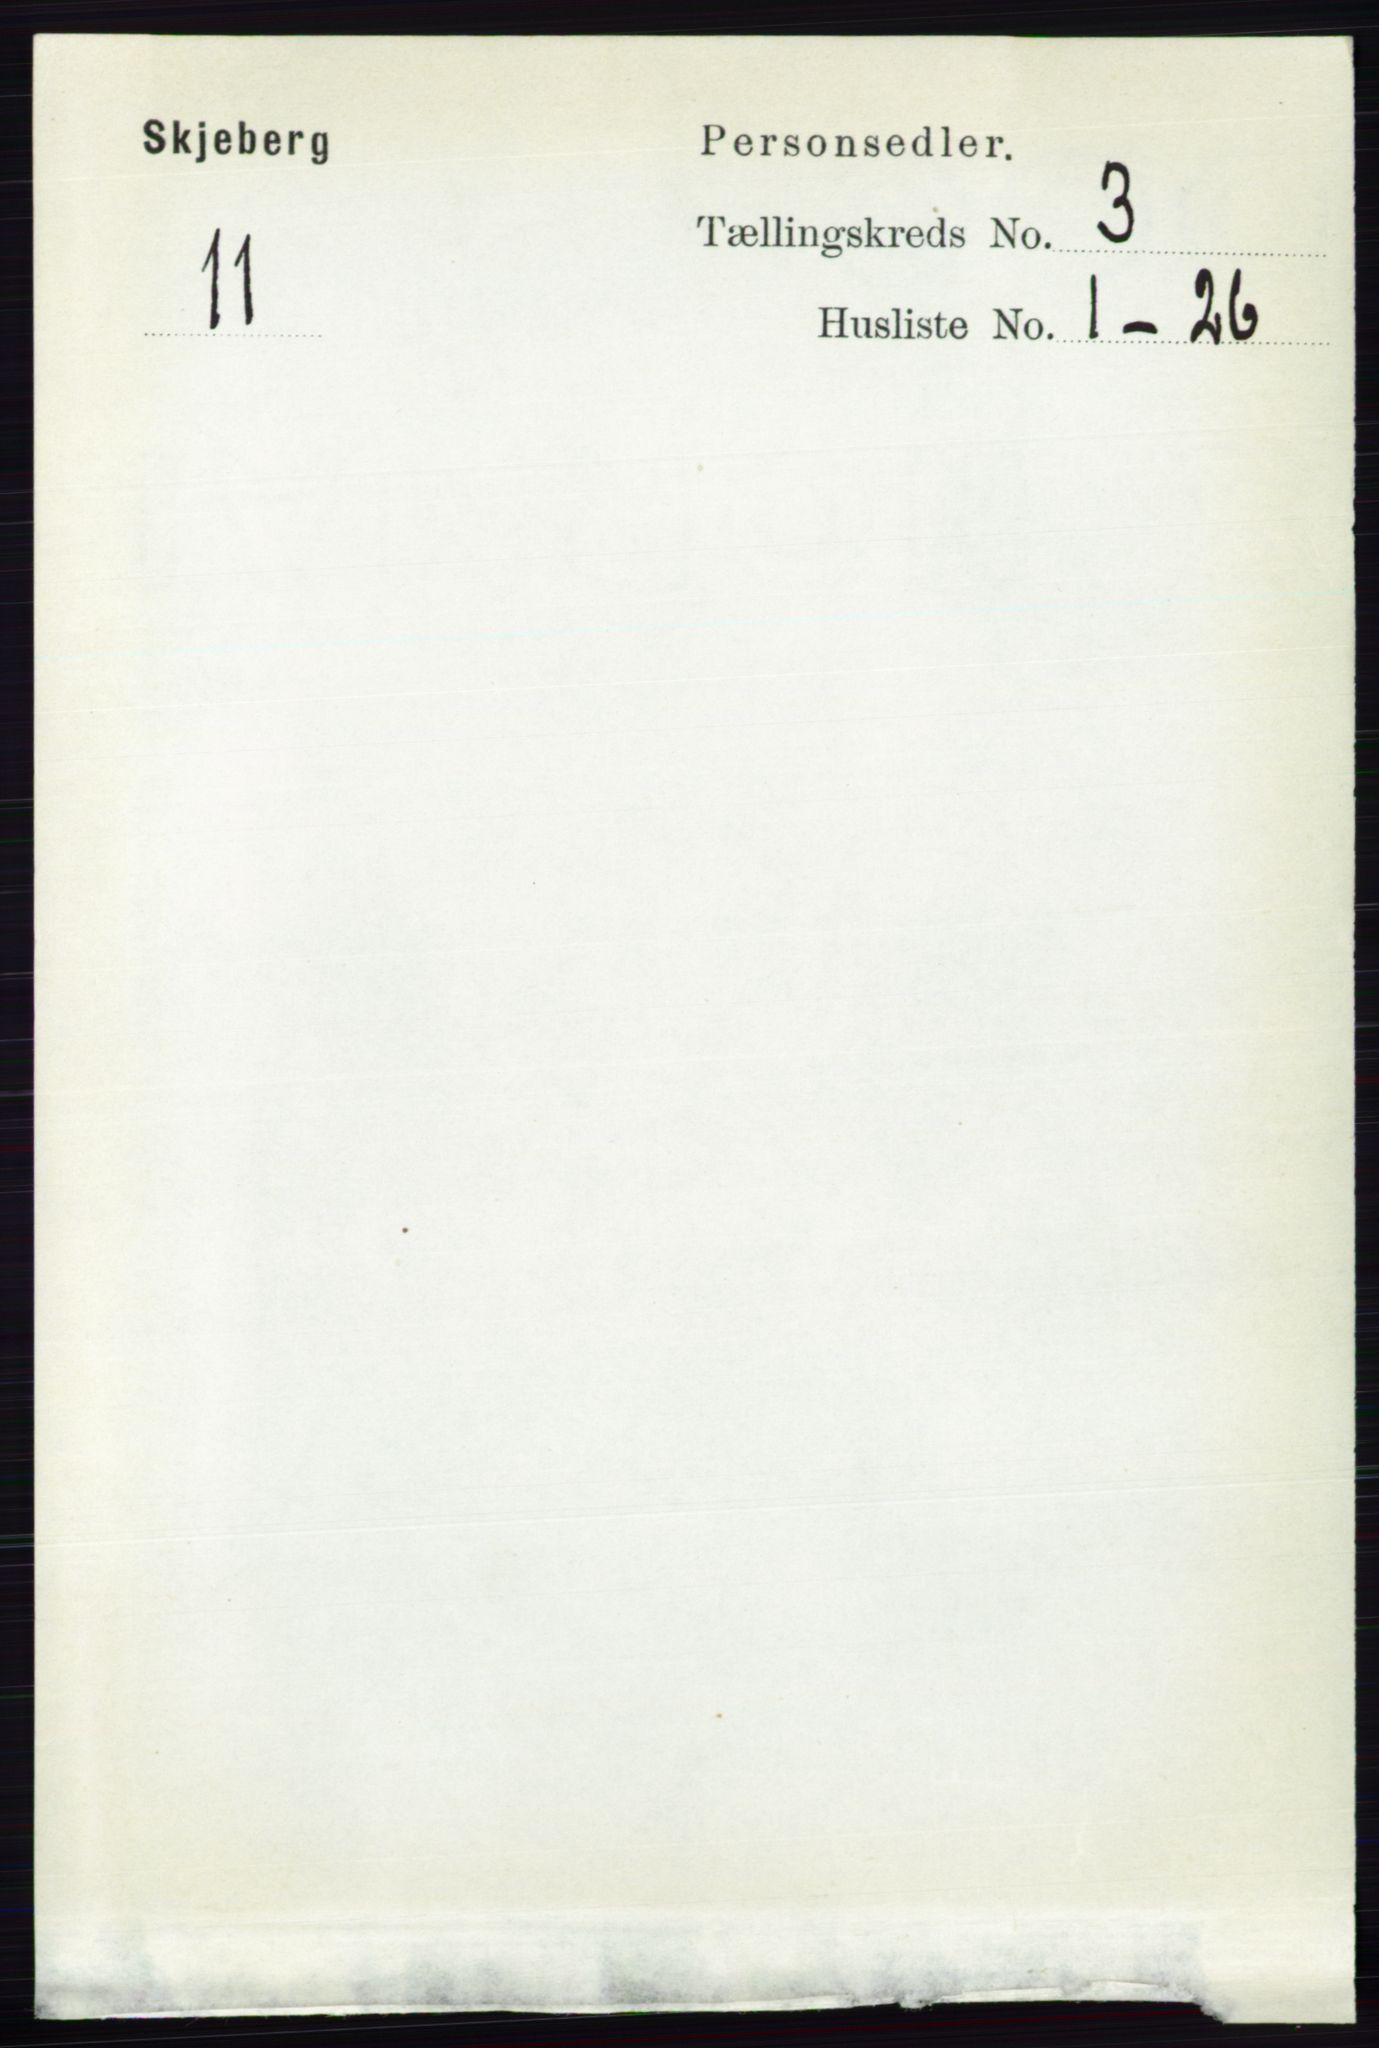 RA, Folketelling 1891 for 0115 Skjeberg herred, 1891, s. 1487